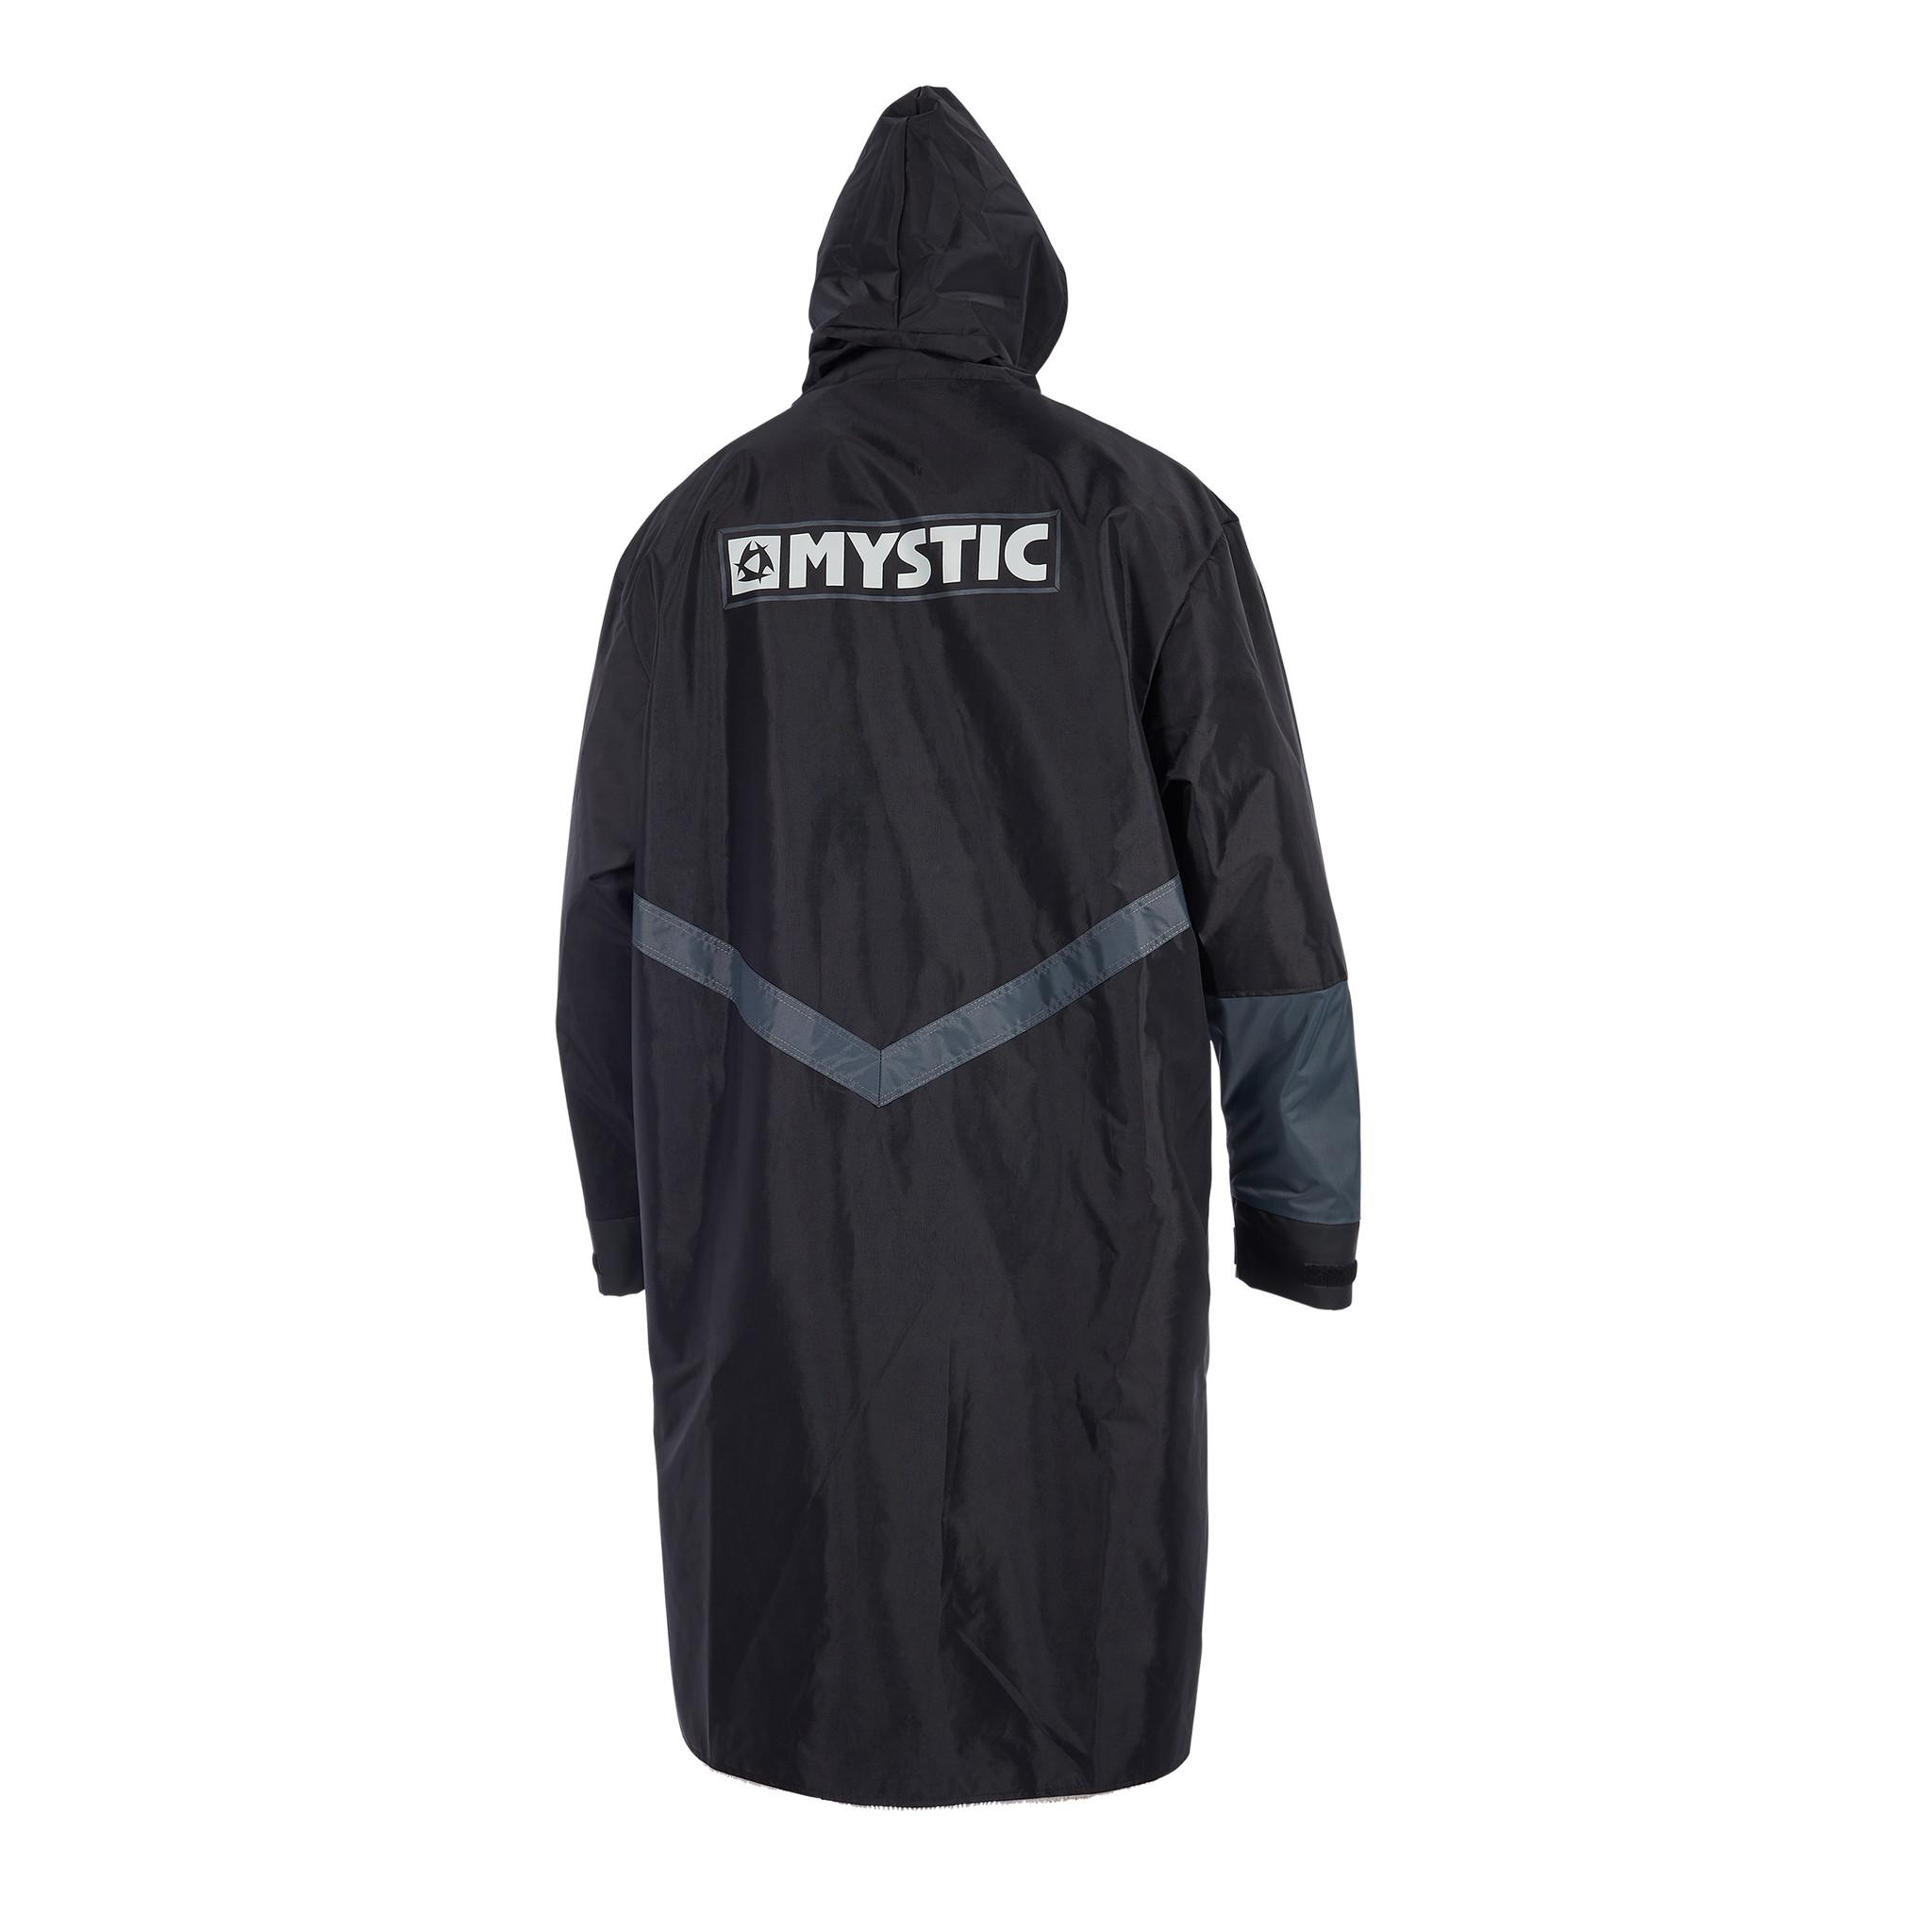 Mystic Mystic Poncho deluxe explore